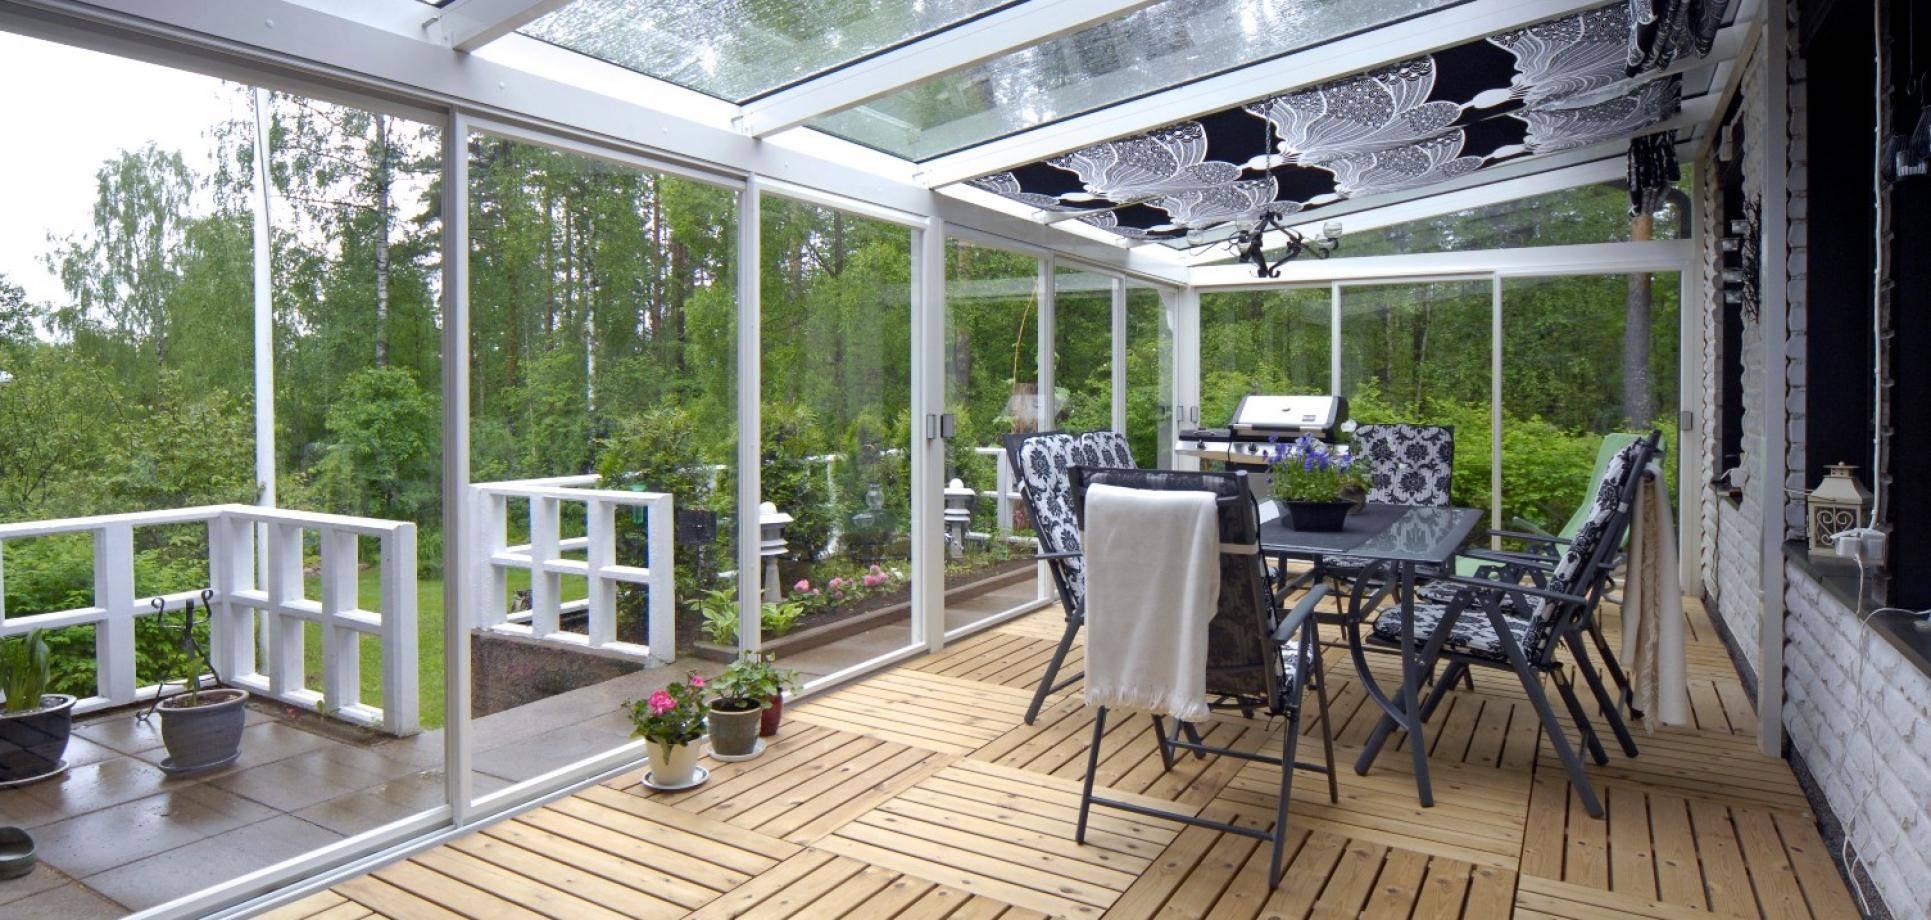 Остекление веранды и террасы: в деревянном доме, на даче, безрамное, с раздвижными конструкциями, с алюминиевым профилем